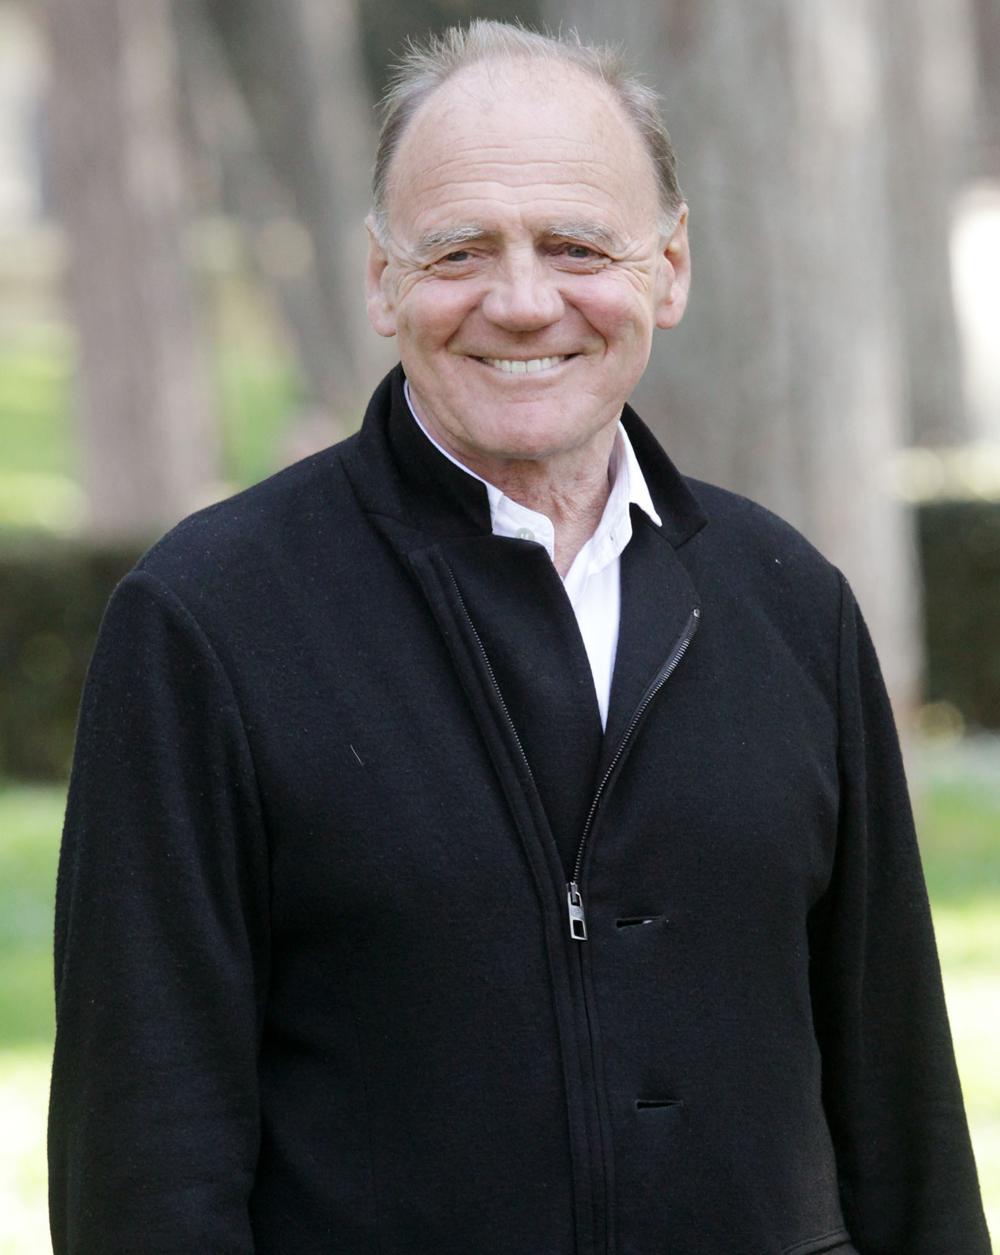 In foto Bruno Ganz (76 anni)